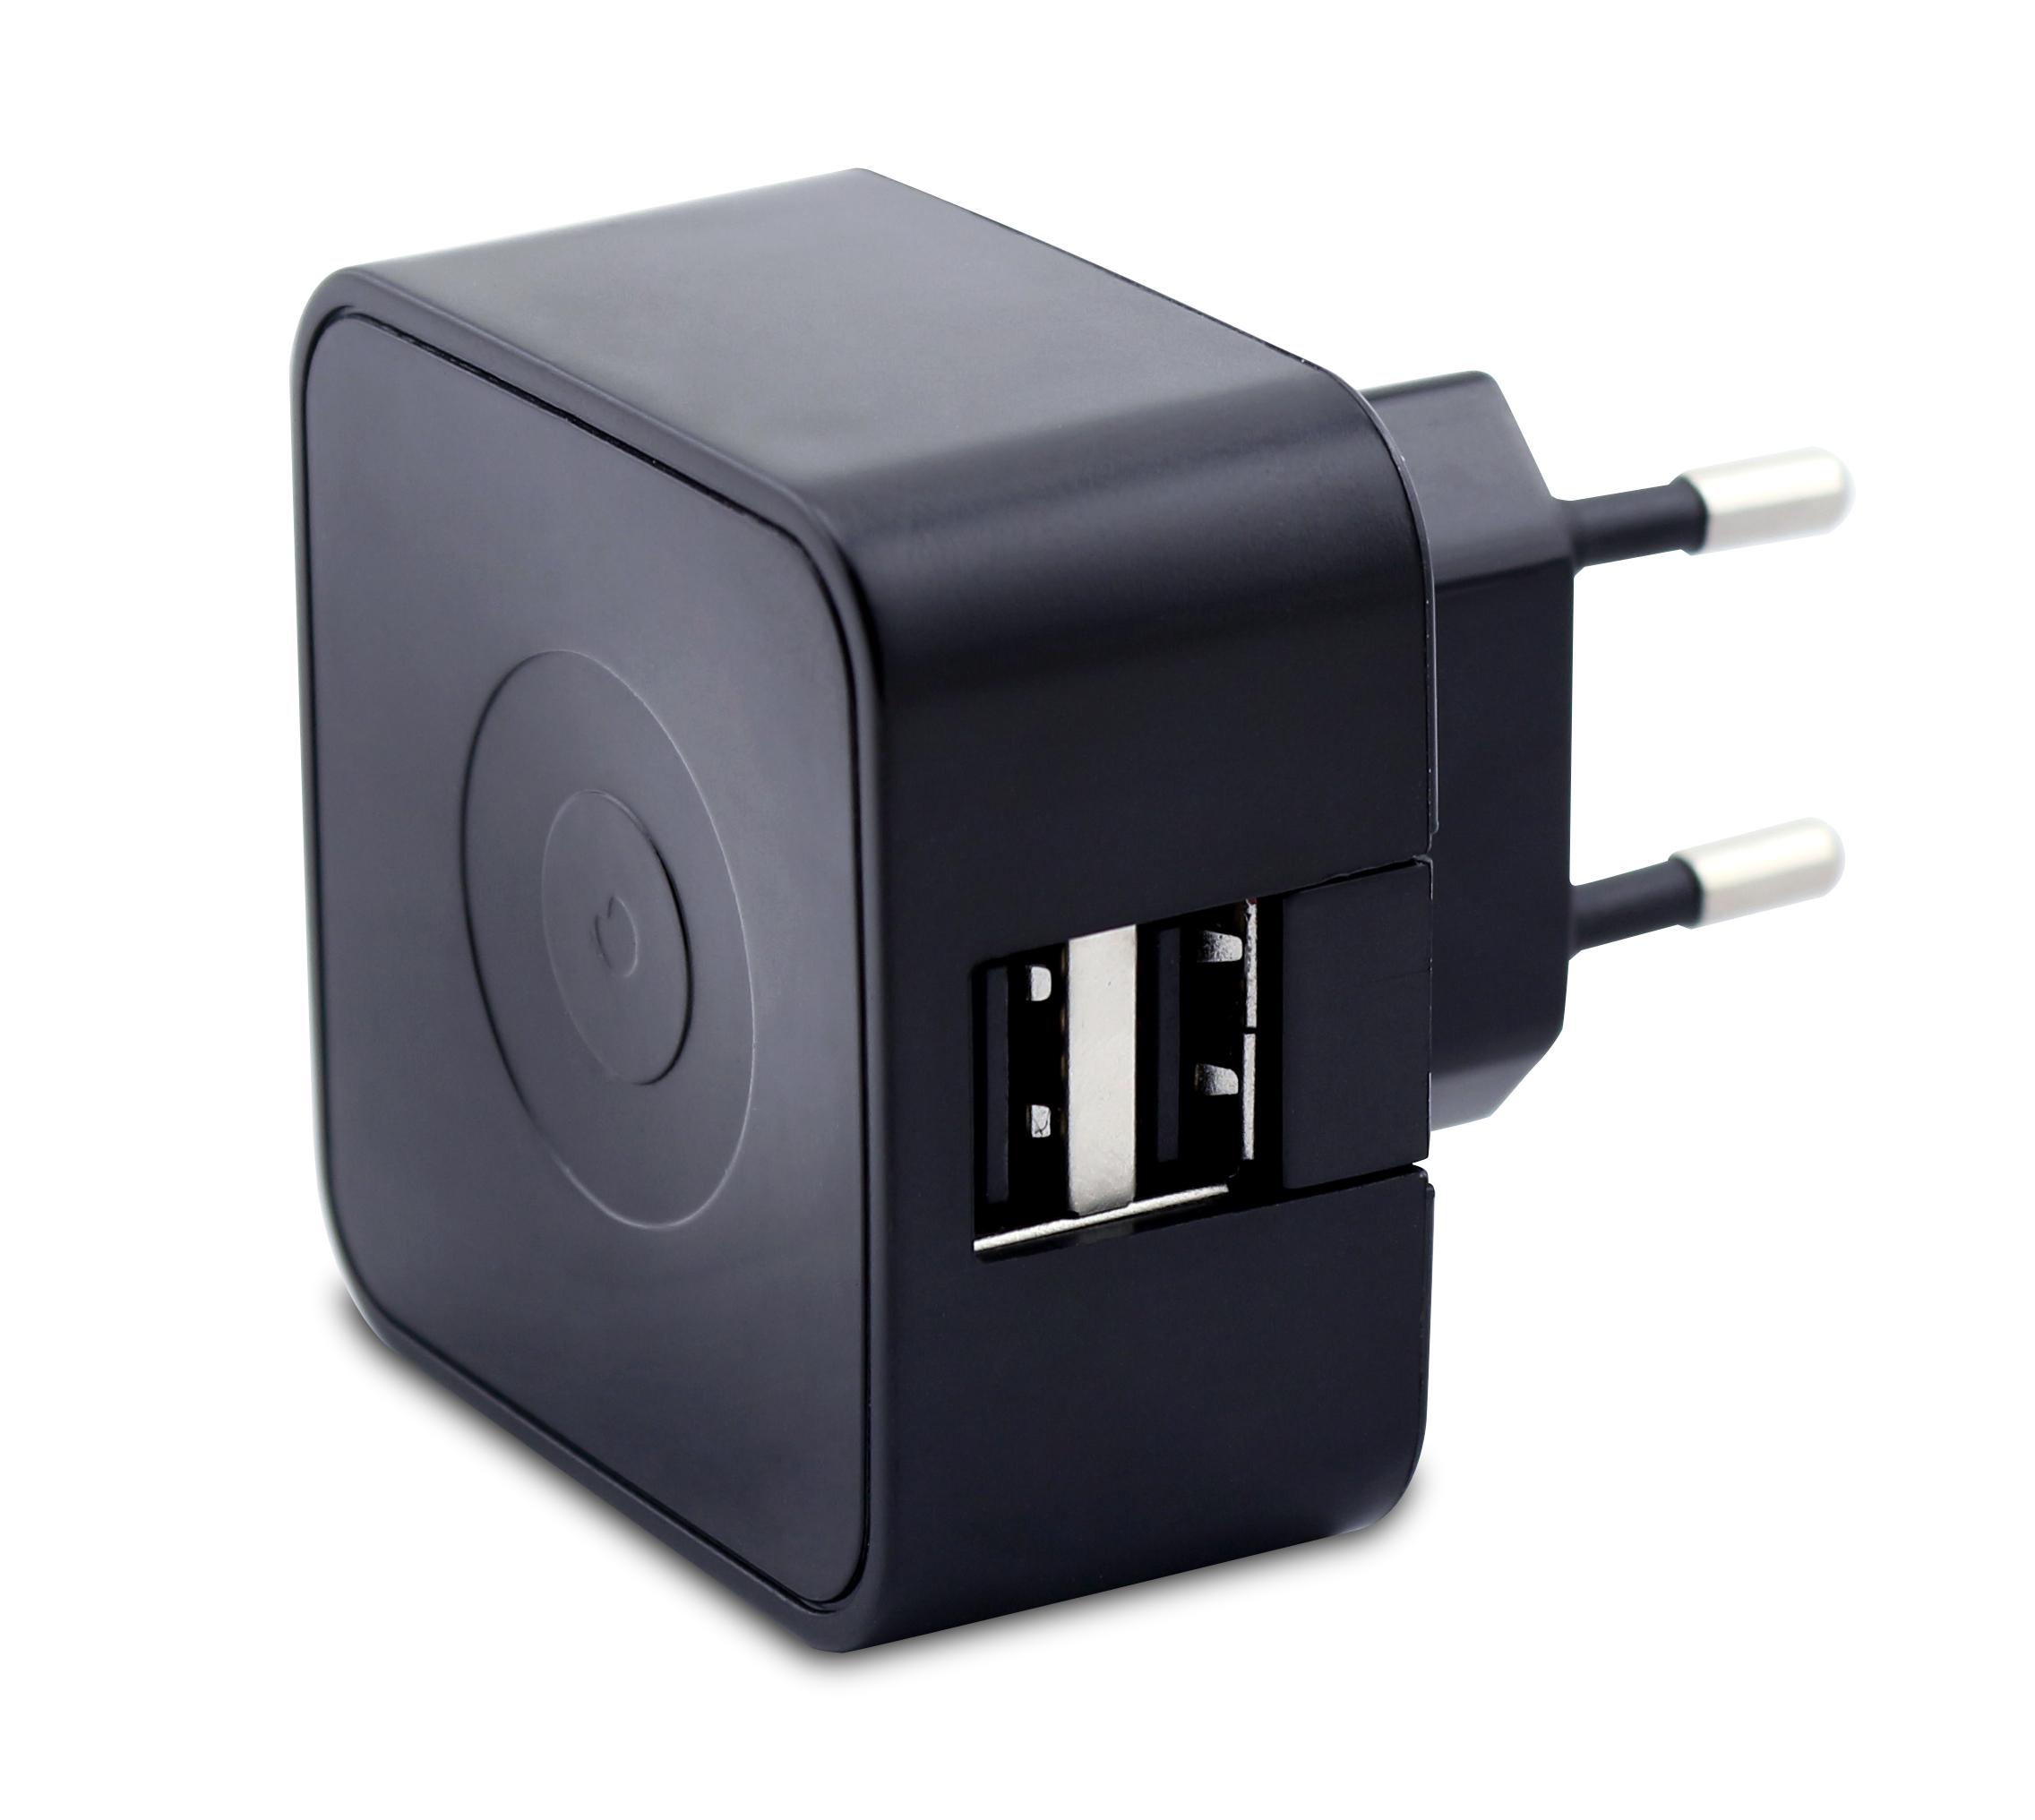 chargeur secteur pour smartphone noir 2 ports usb. Black Bedroom Furniture Sets. Home Design Ideas